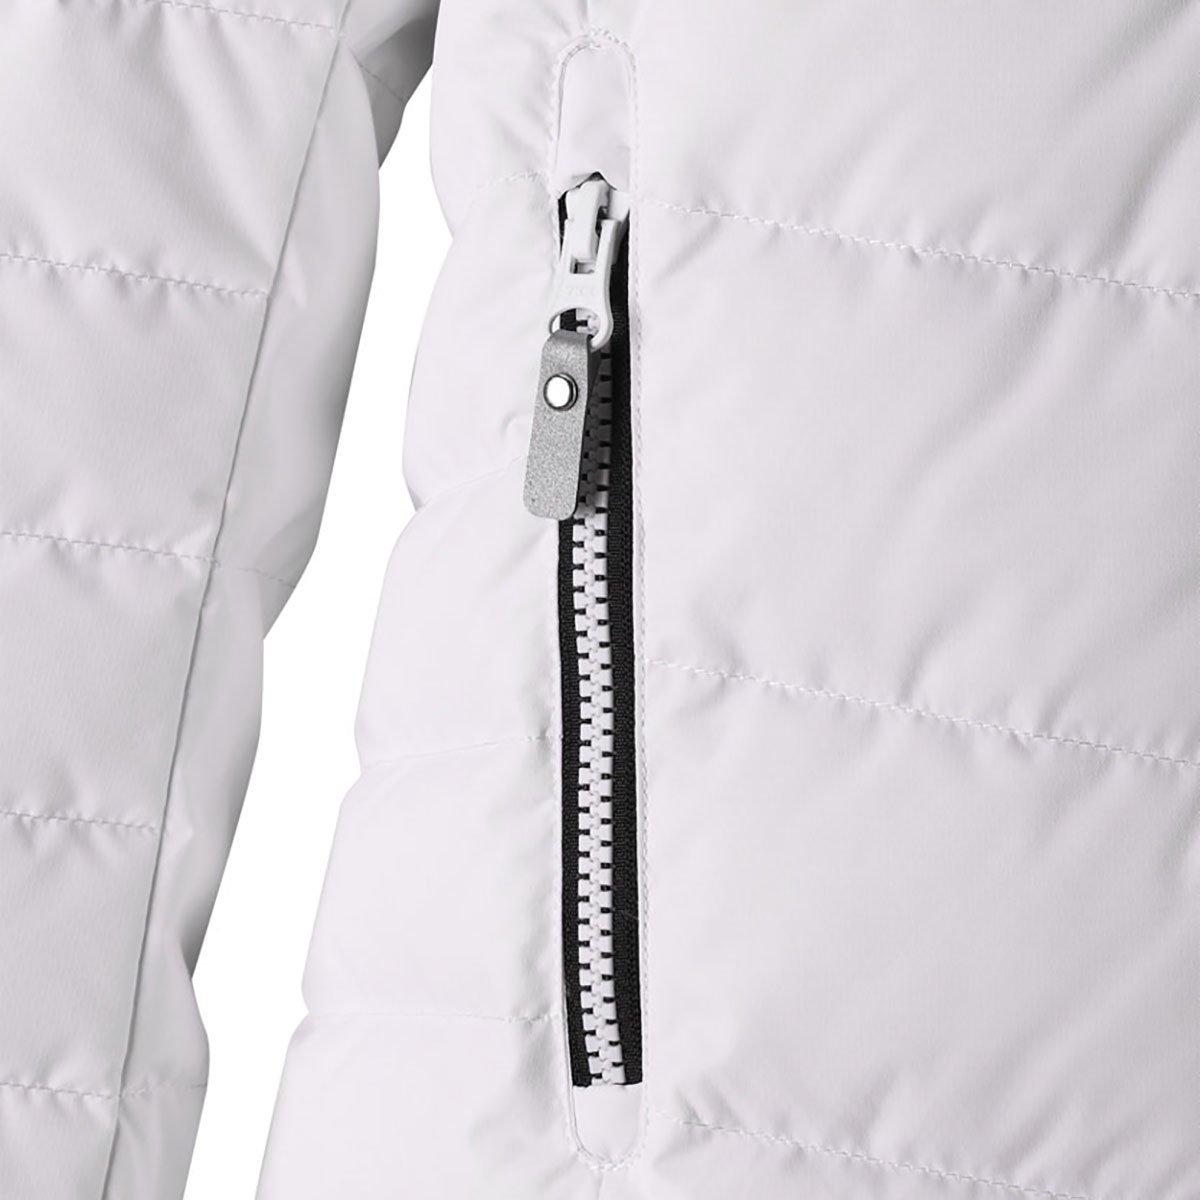 Купить Верхняя одежда, Пуховая куртка Reima Juuri белая, р. 146 531370 ТМ: REIMA, белый